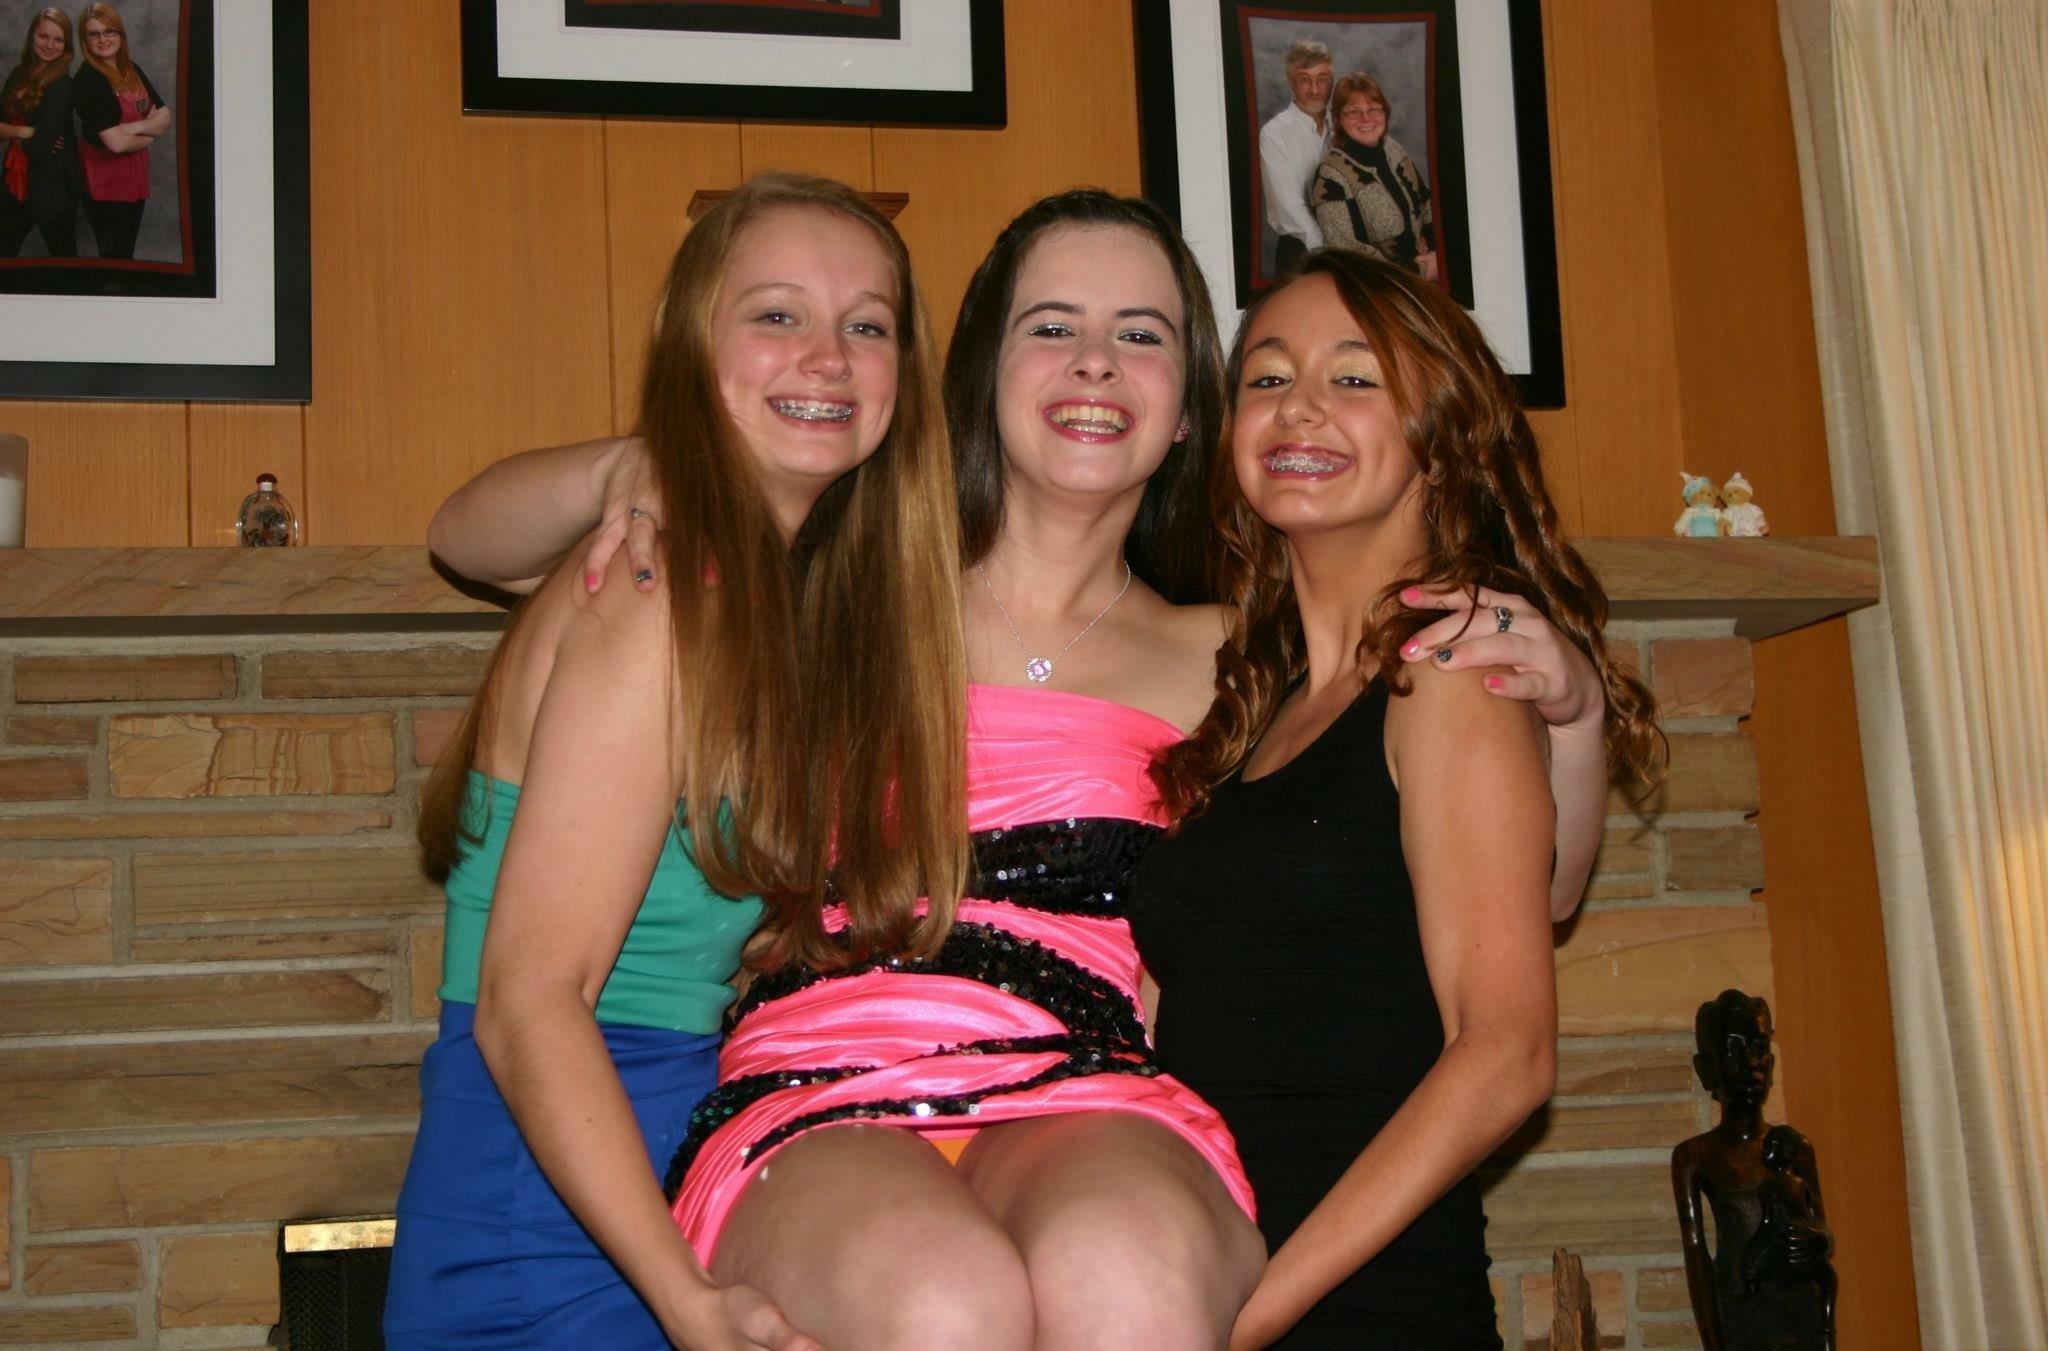 Две девушки в мини-платьях светят своими трусиками